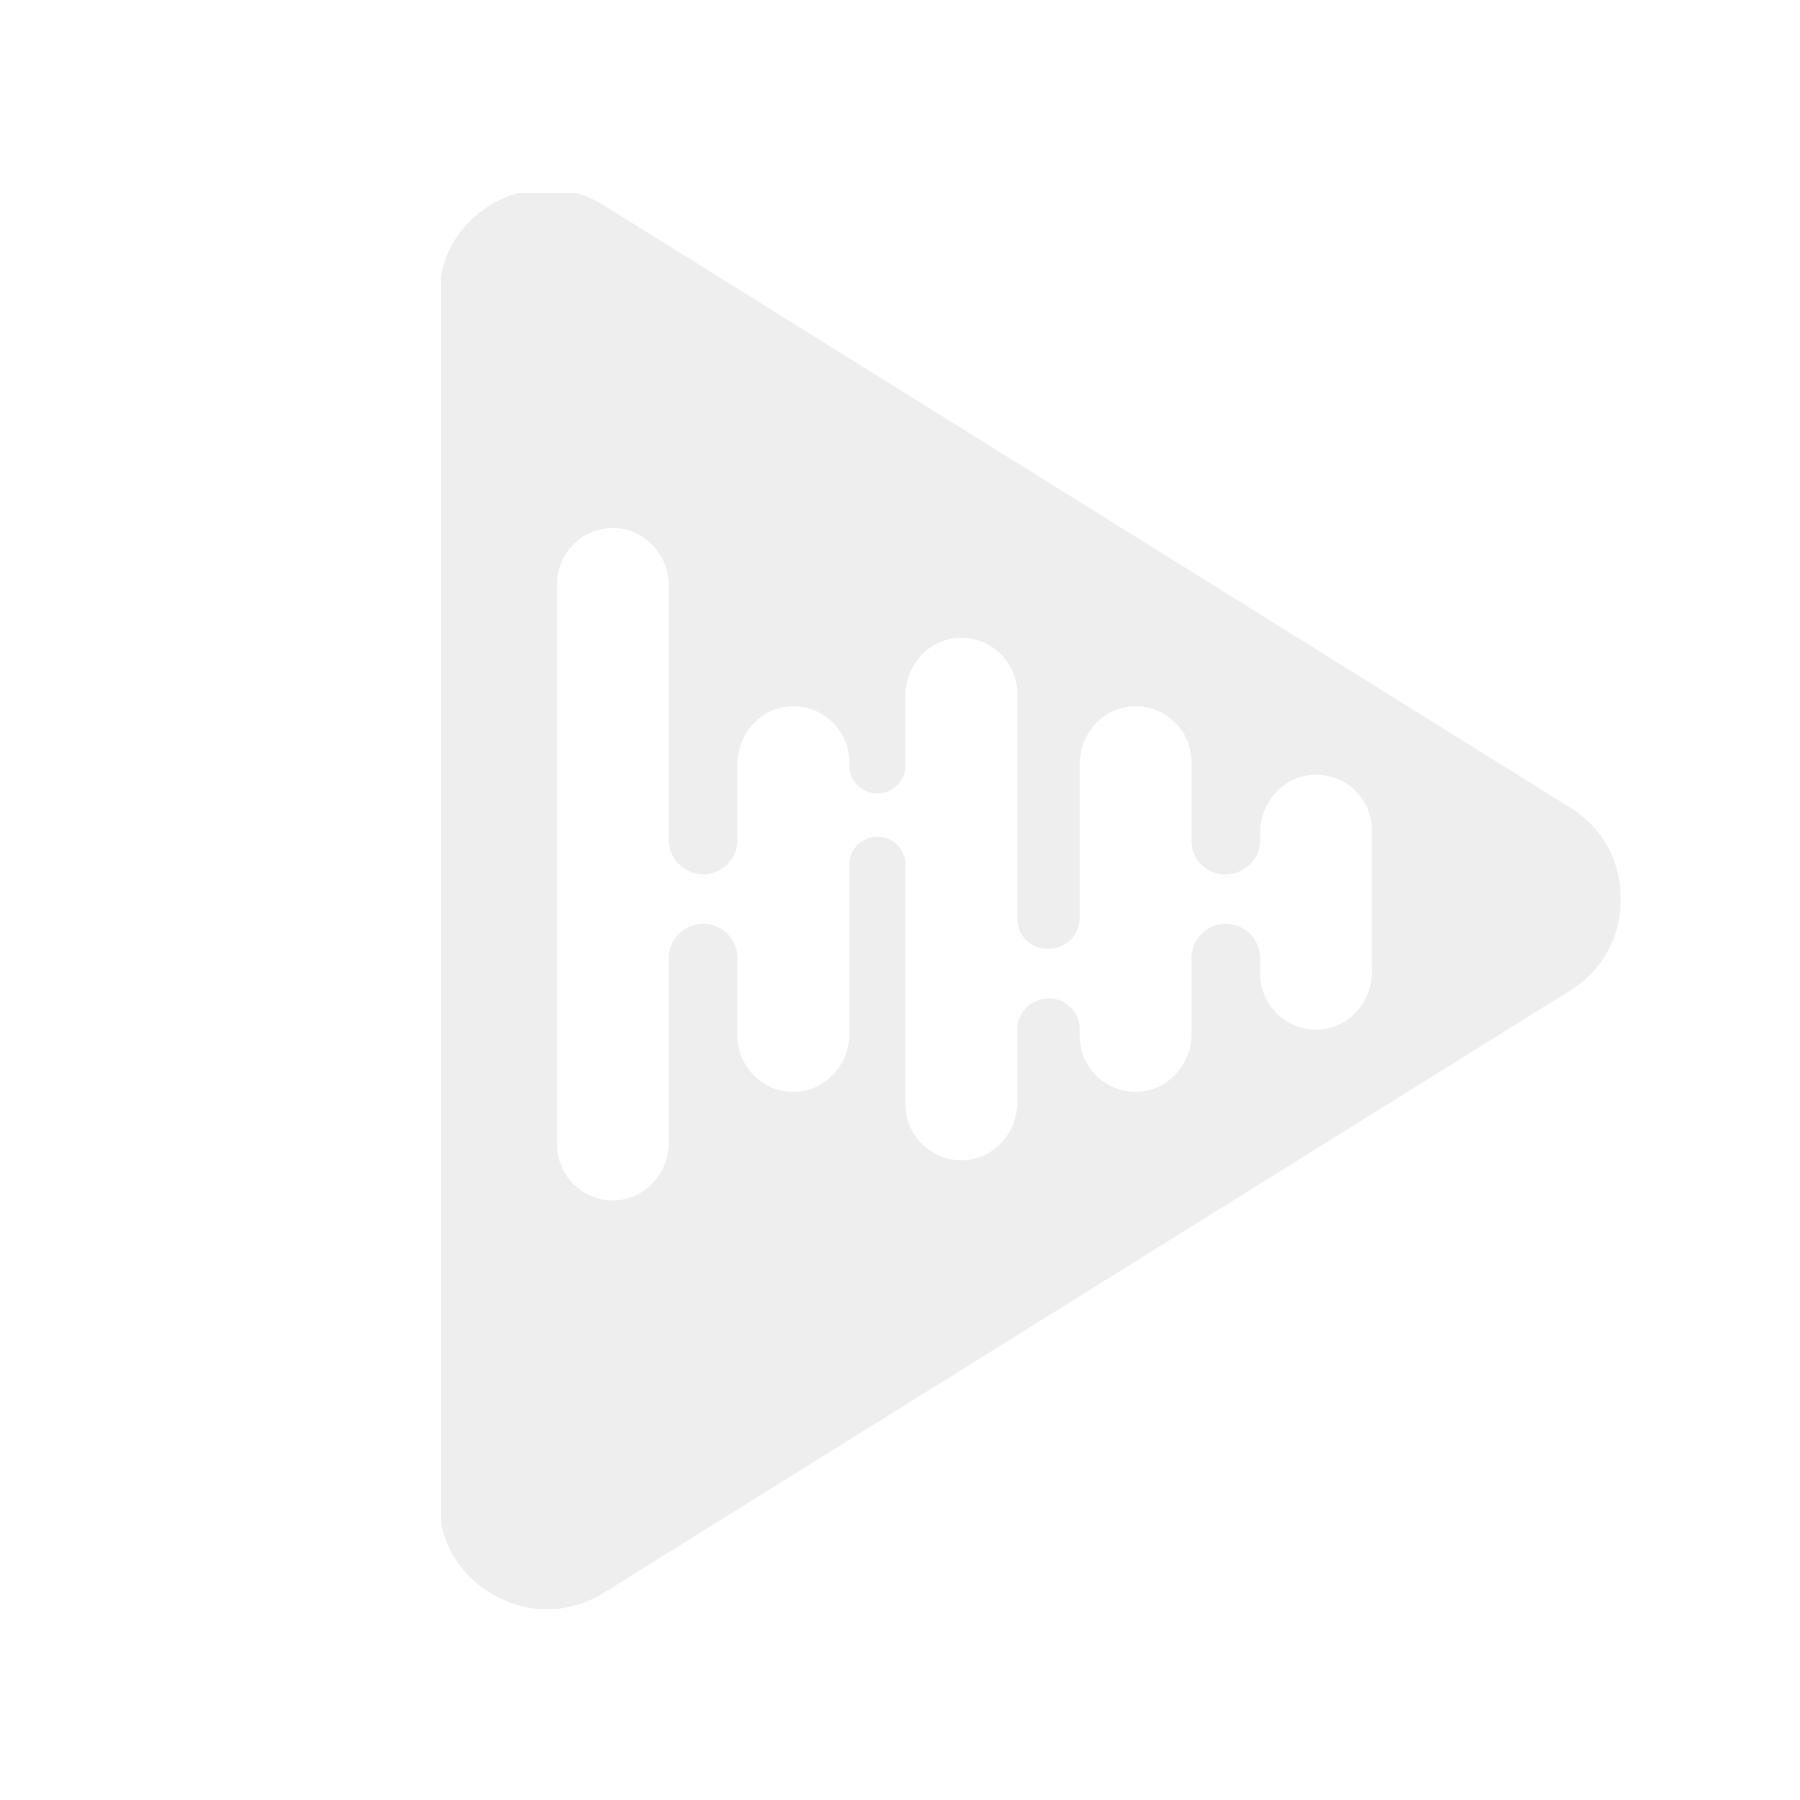 Connection Best BCA 32 DGT.1